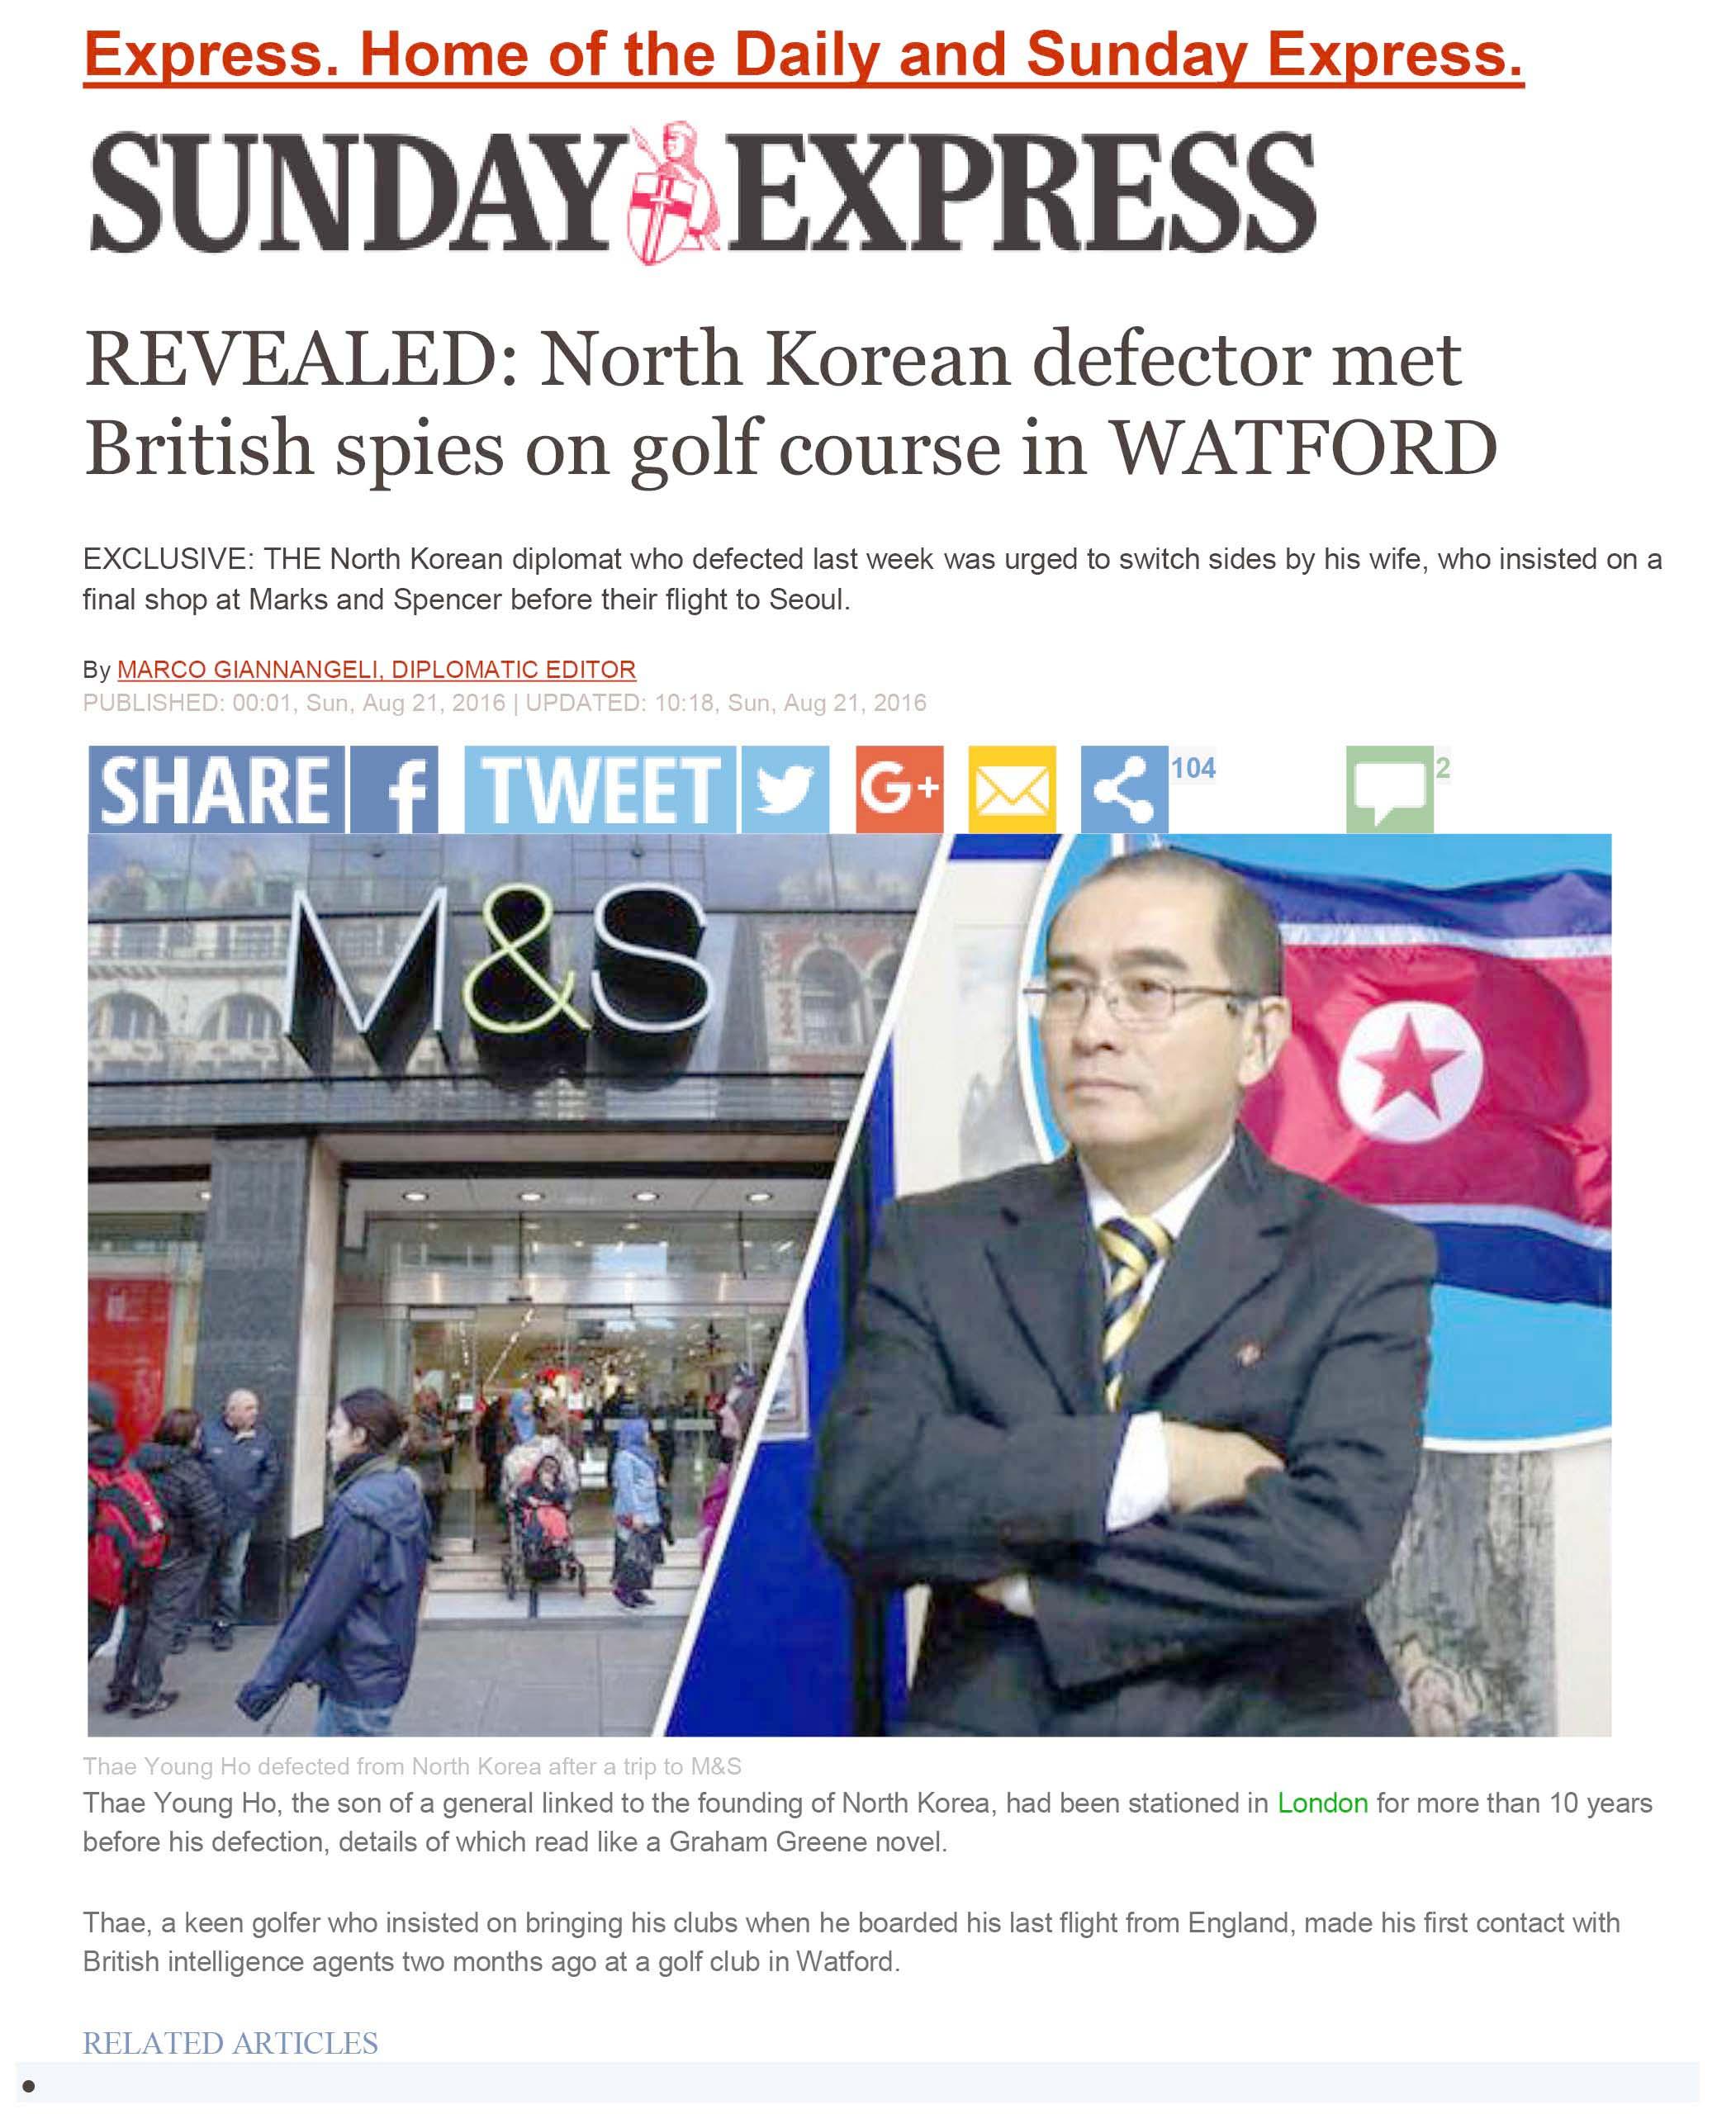 북한 외교관 망명기사-Sunday Express  08-21-16-사진-1